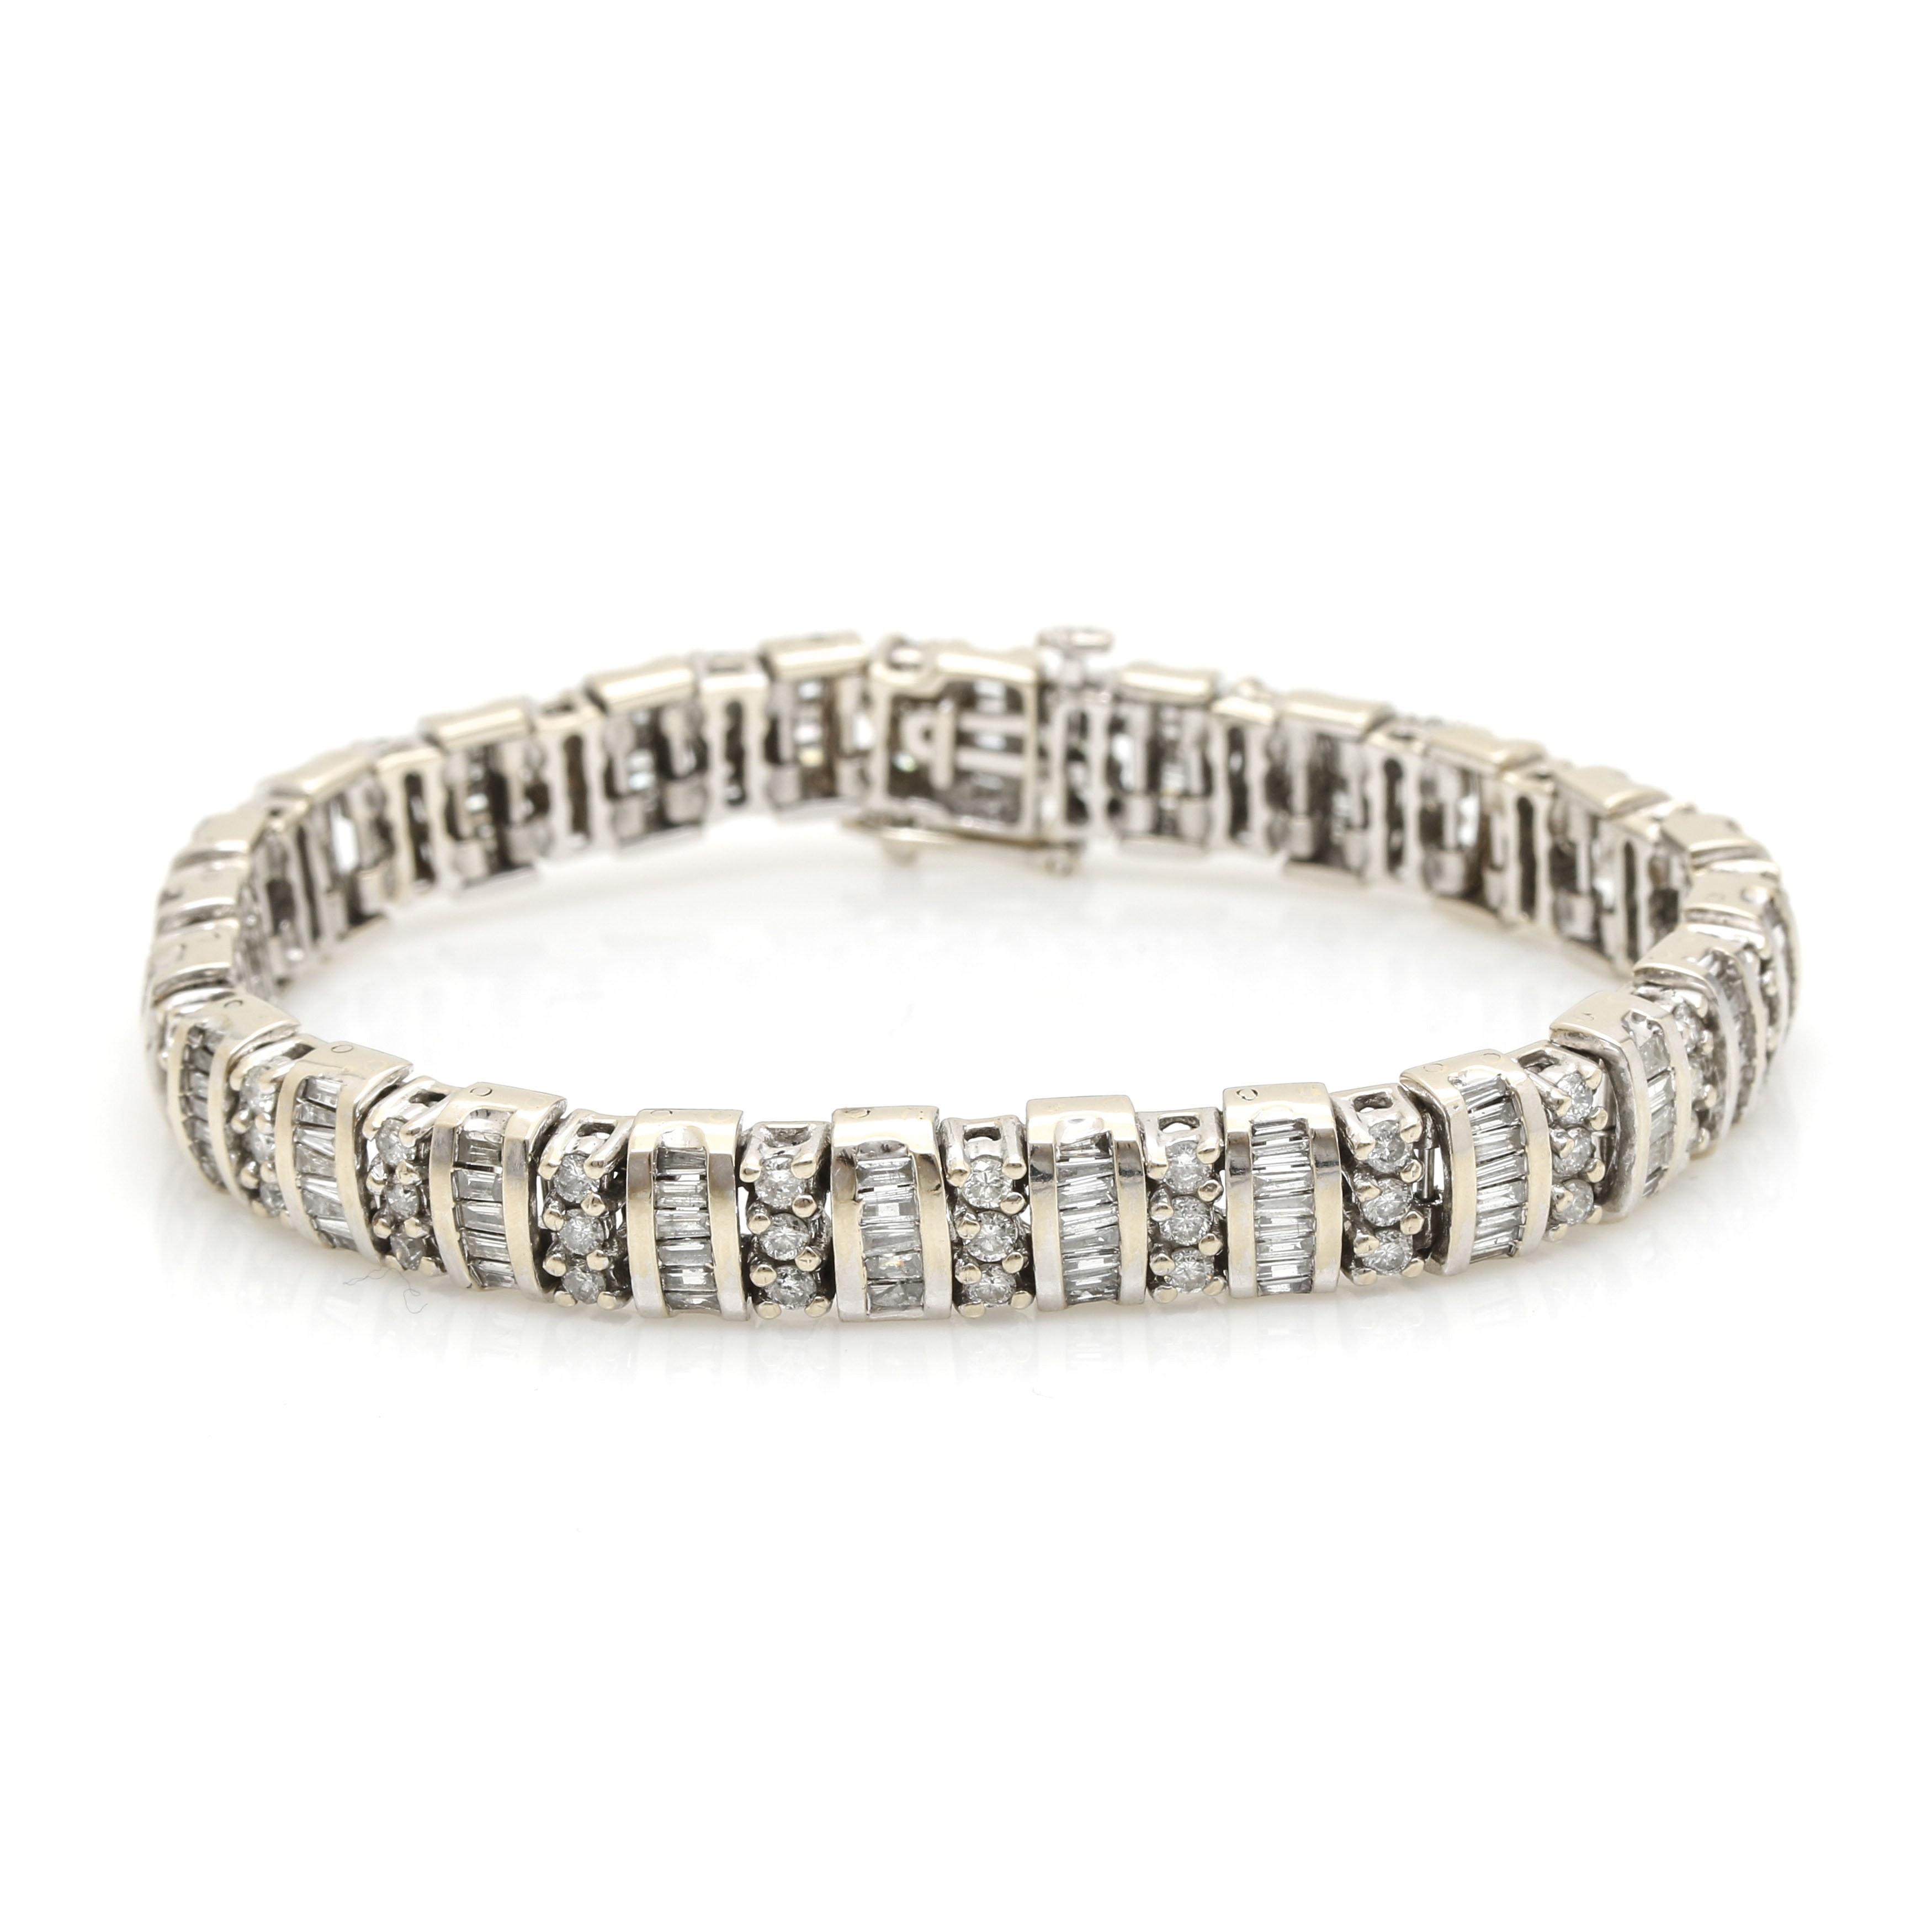 14K White Gold 4.52 CTW Diamond Link Bracelet